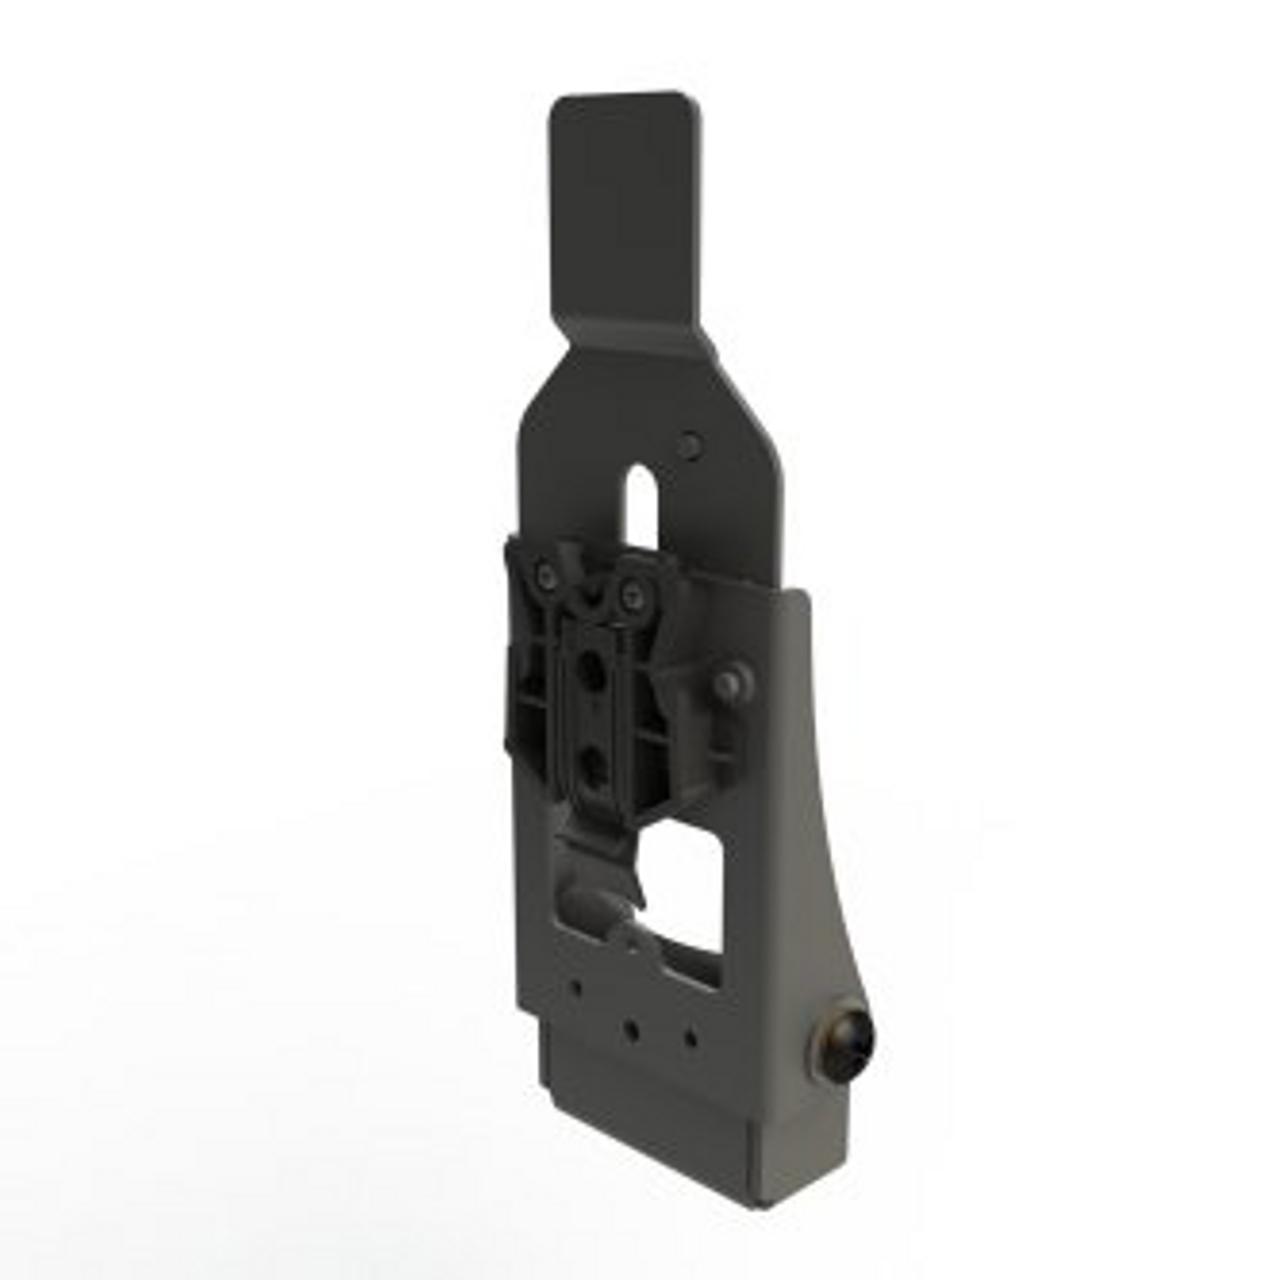 Ingenico Lane 3000 / 5000 / 7000 / 8000 Conversion Kit